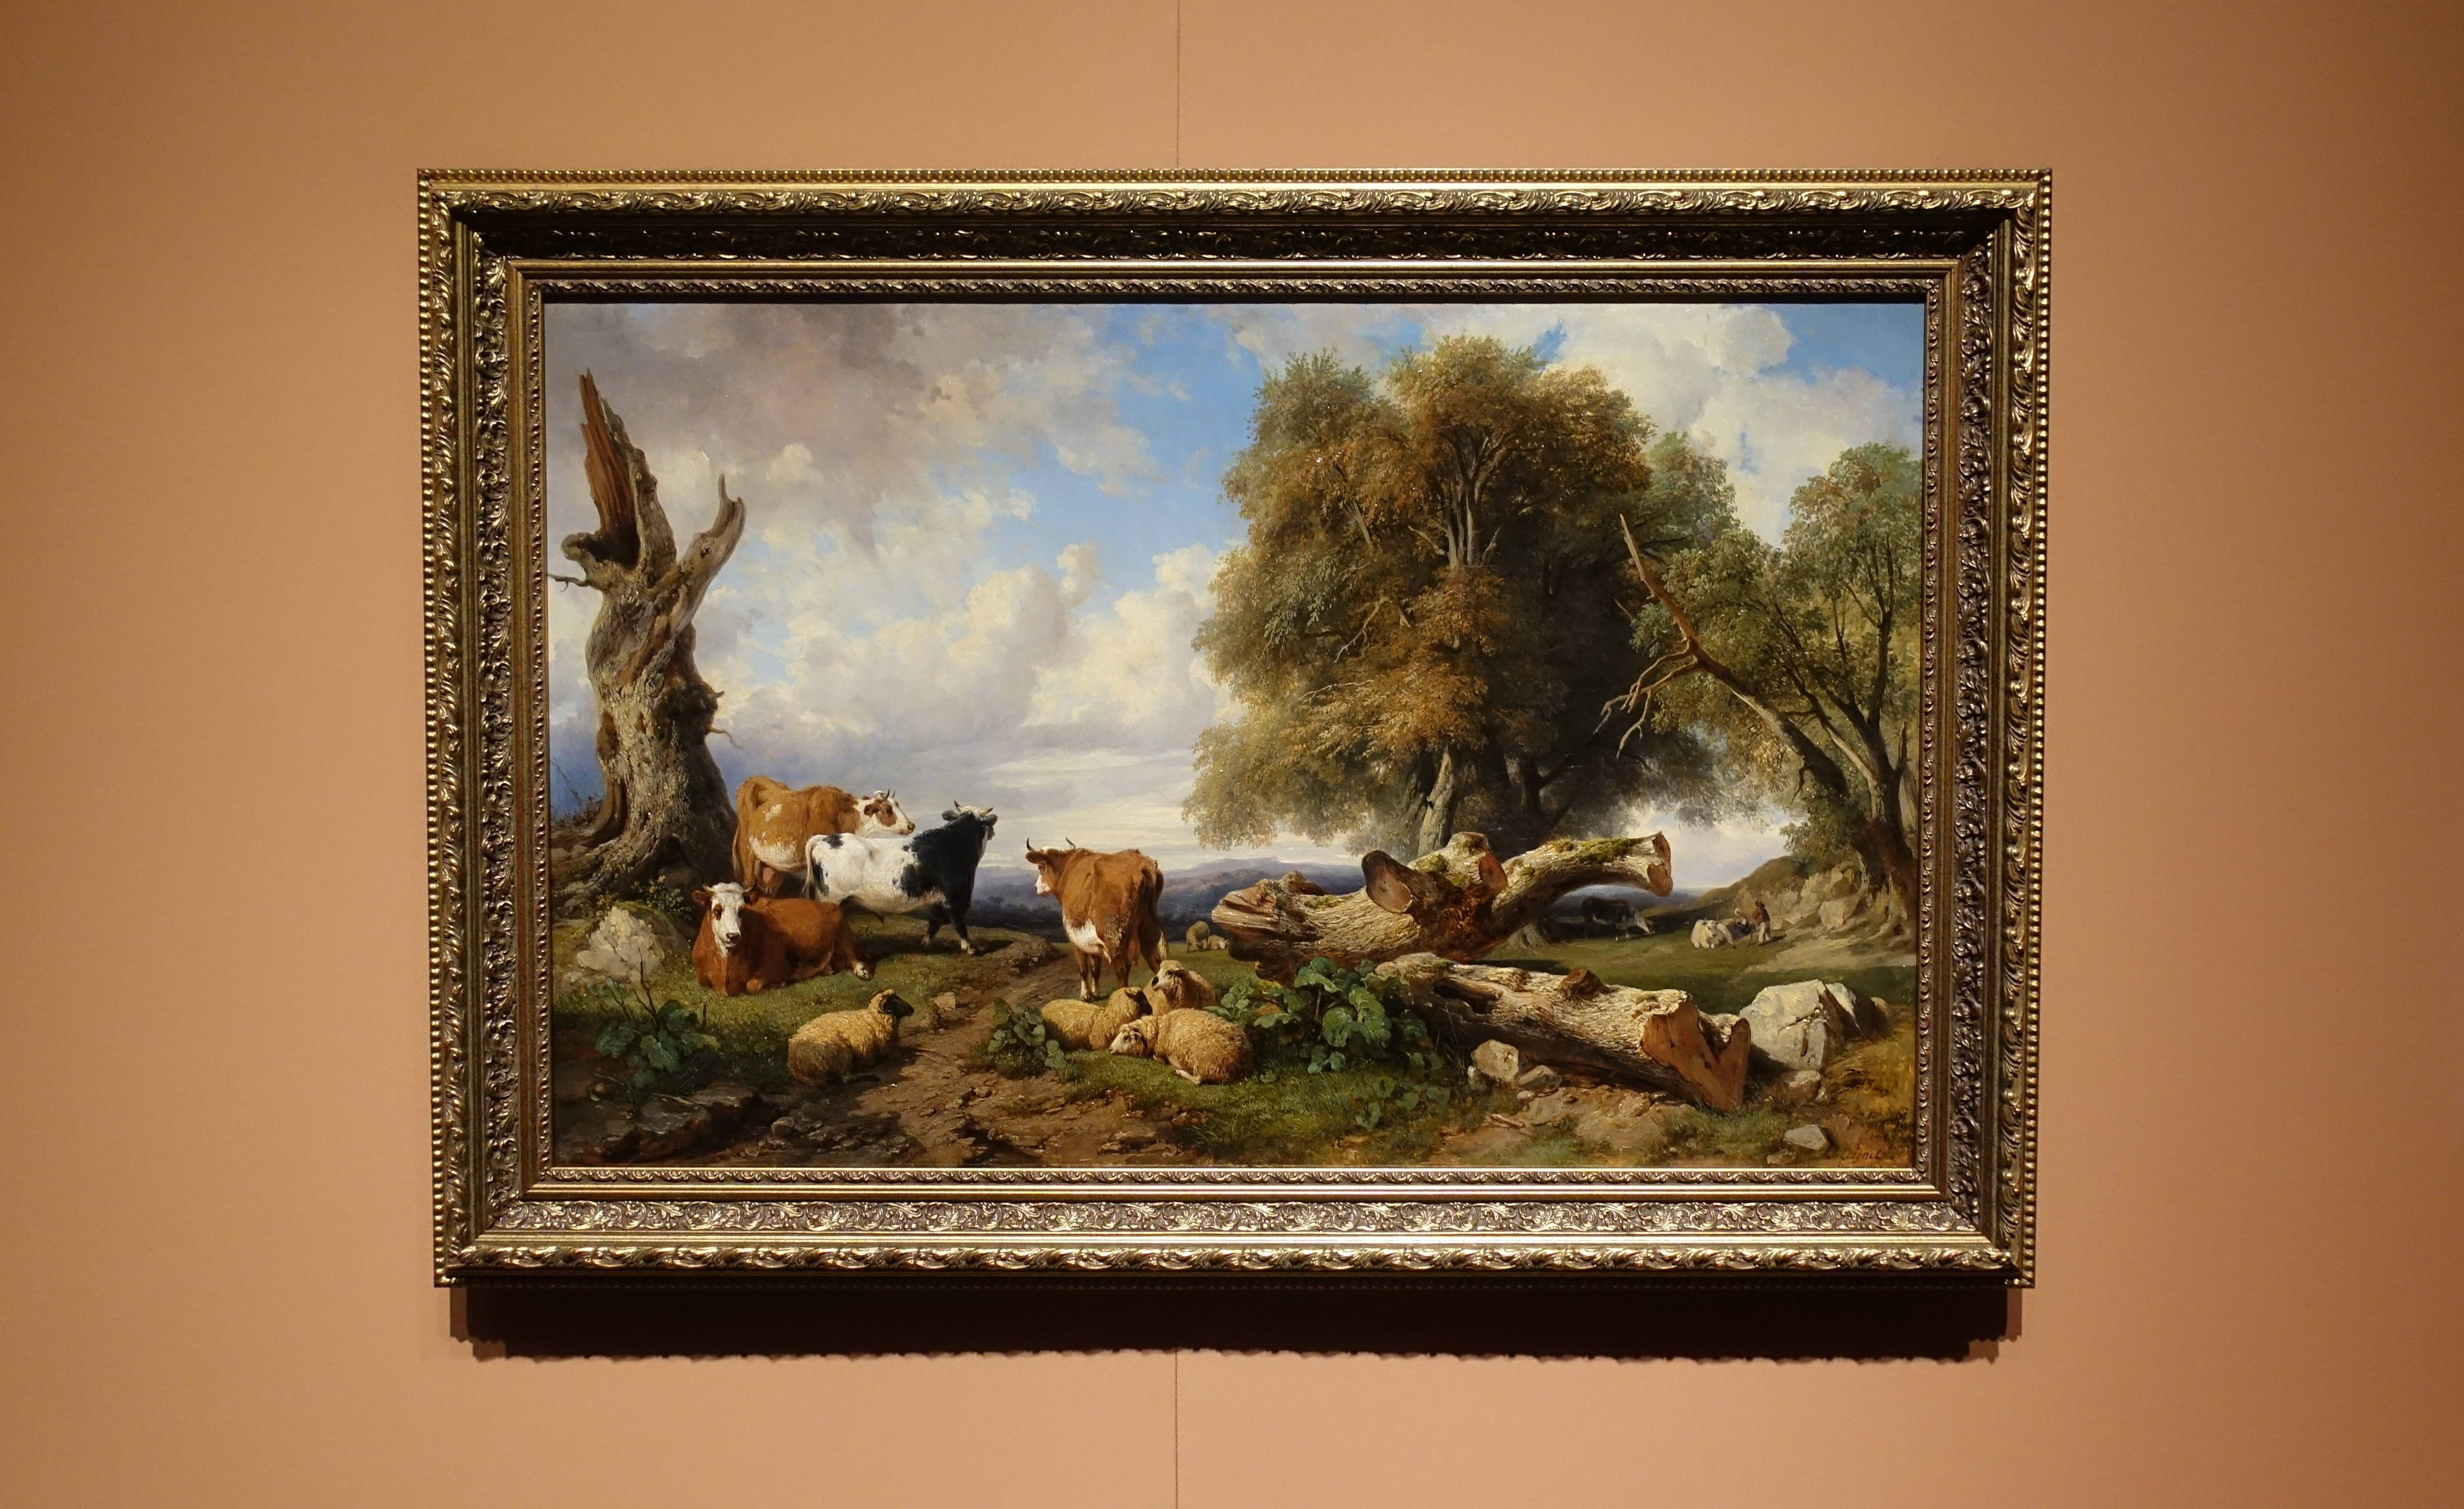 賈克-賀蒙•布哈卡薩 Jacques-Raymond Brascassat ,《有牛群的風景 Landscape with Cattle》,油彩、畫布 Oil on canvas。